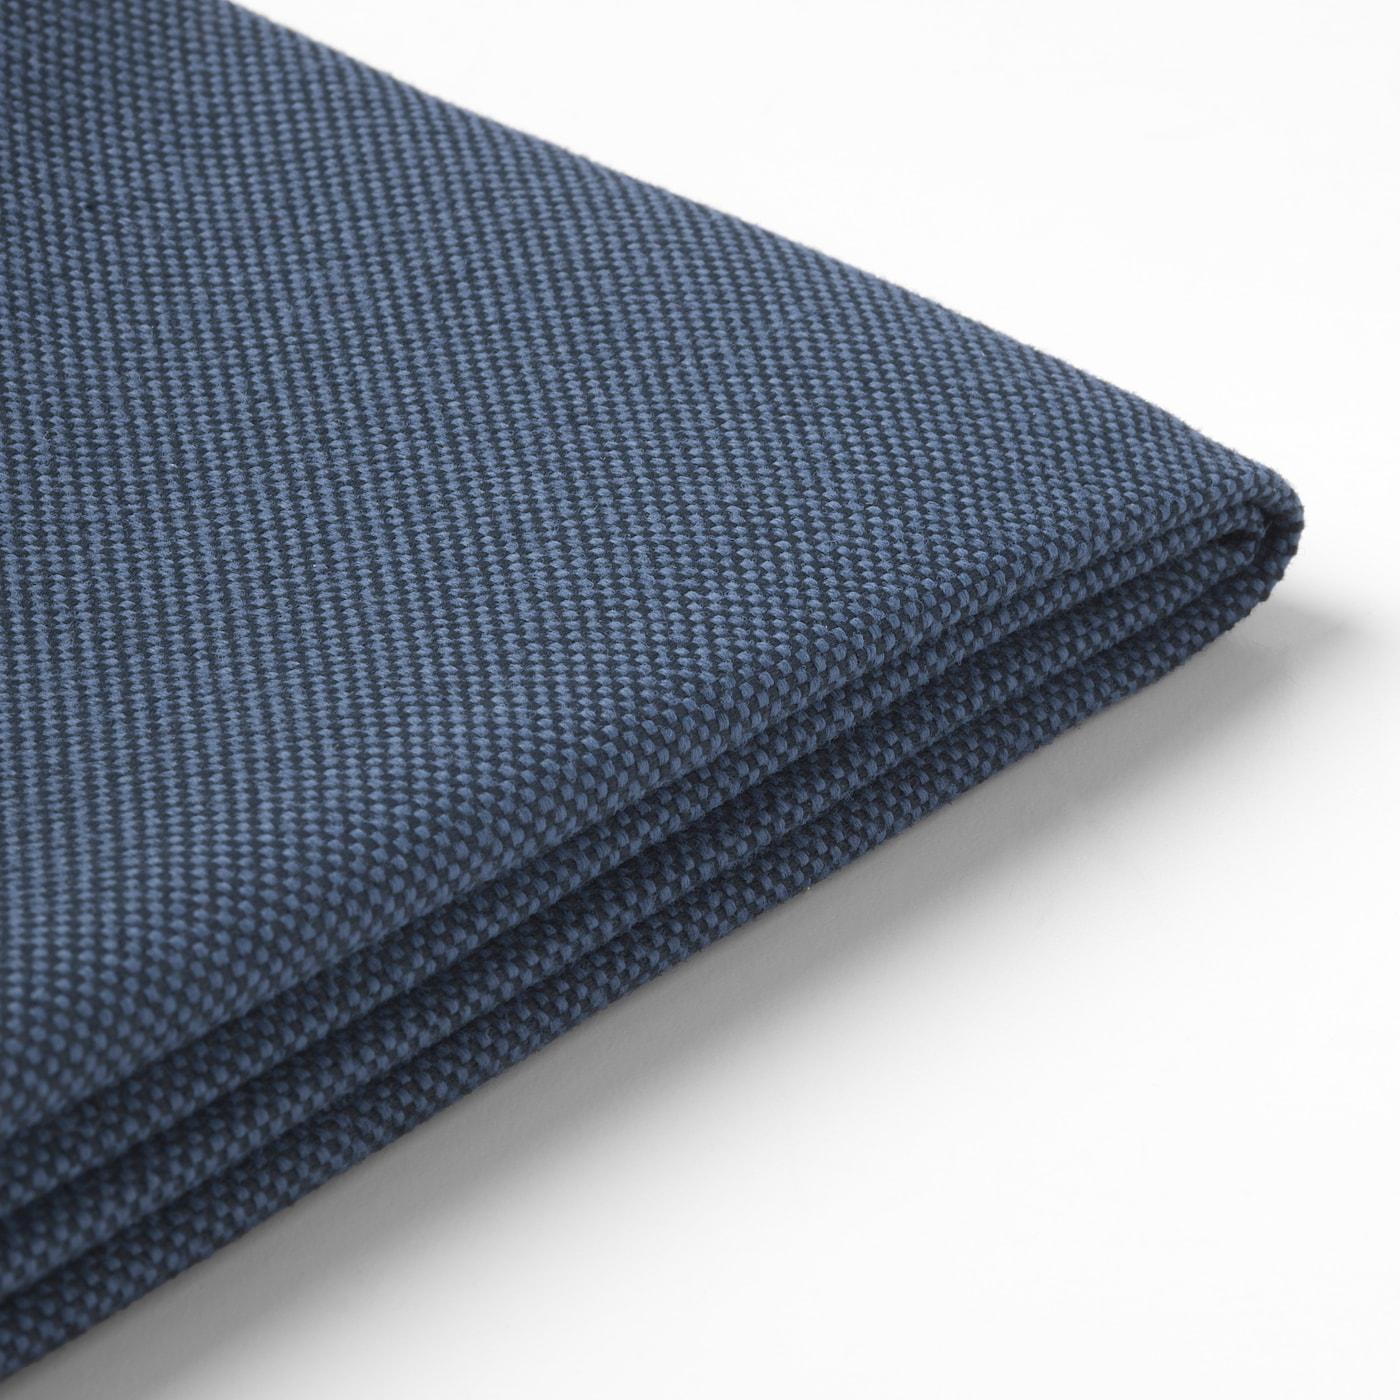 FRÖSÖN Huzat hátsó párnához, kültéri kék, 62x44 cm